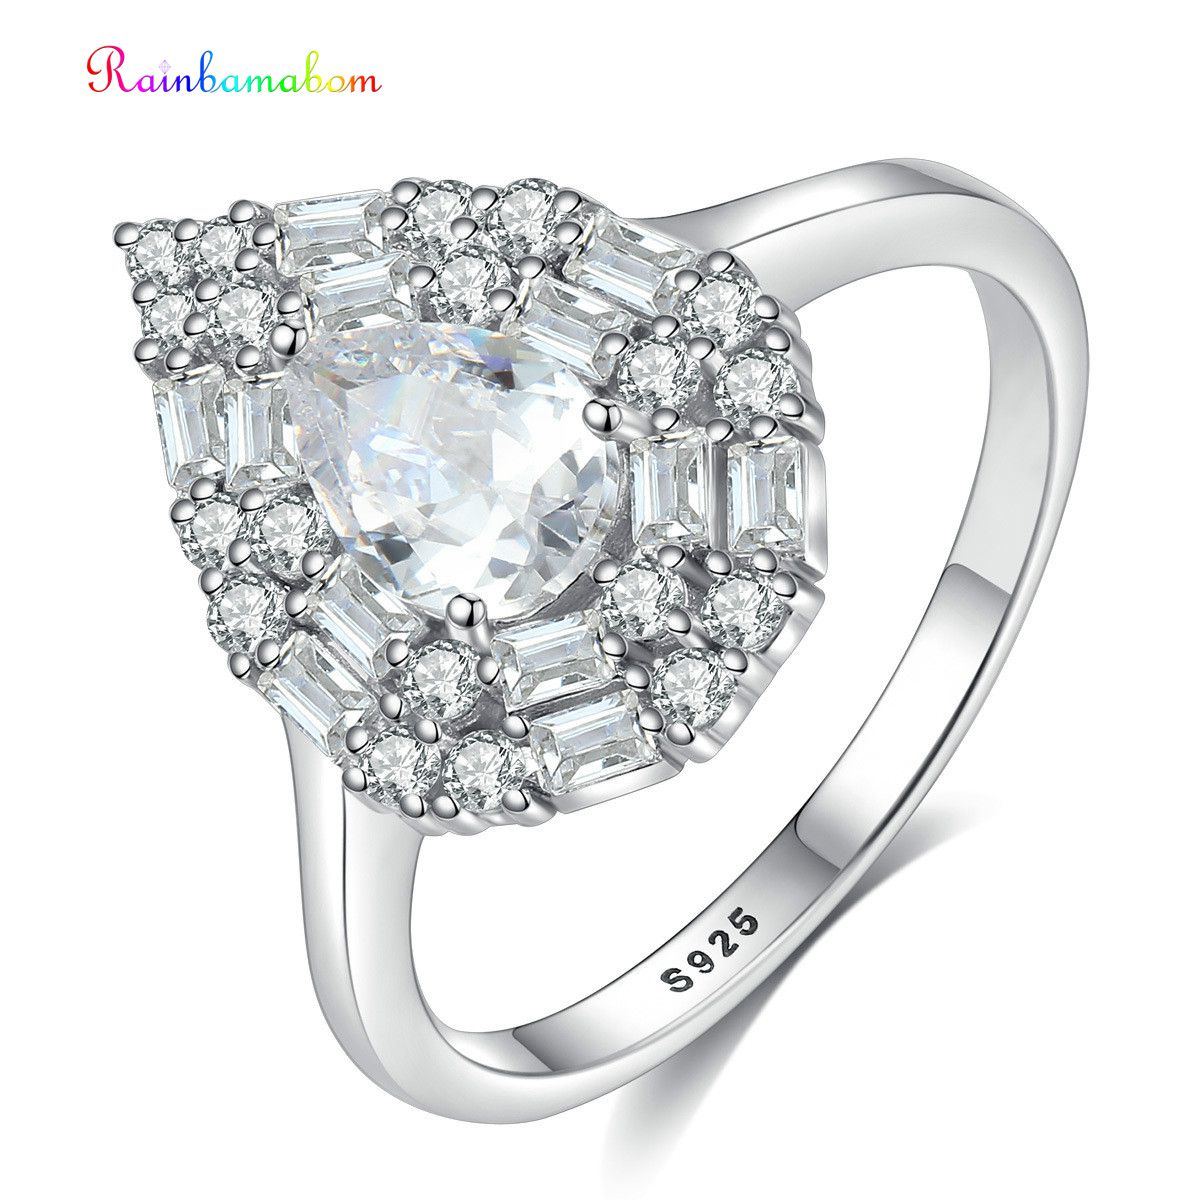 Anillo de compromiso de boda con piedras preciosas de zafiro moissanita, joyería fina, al por mayor, Rainbamabom, sólida plata esterlina 925, pera, creado